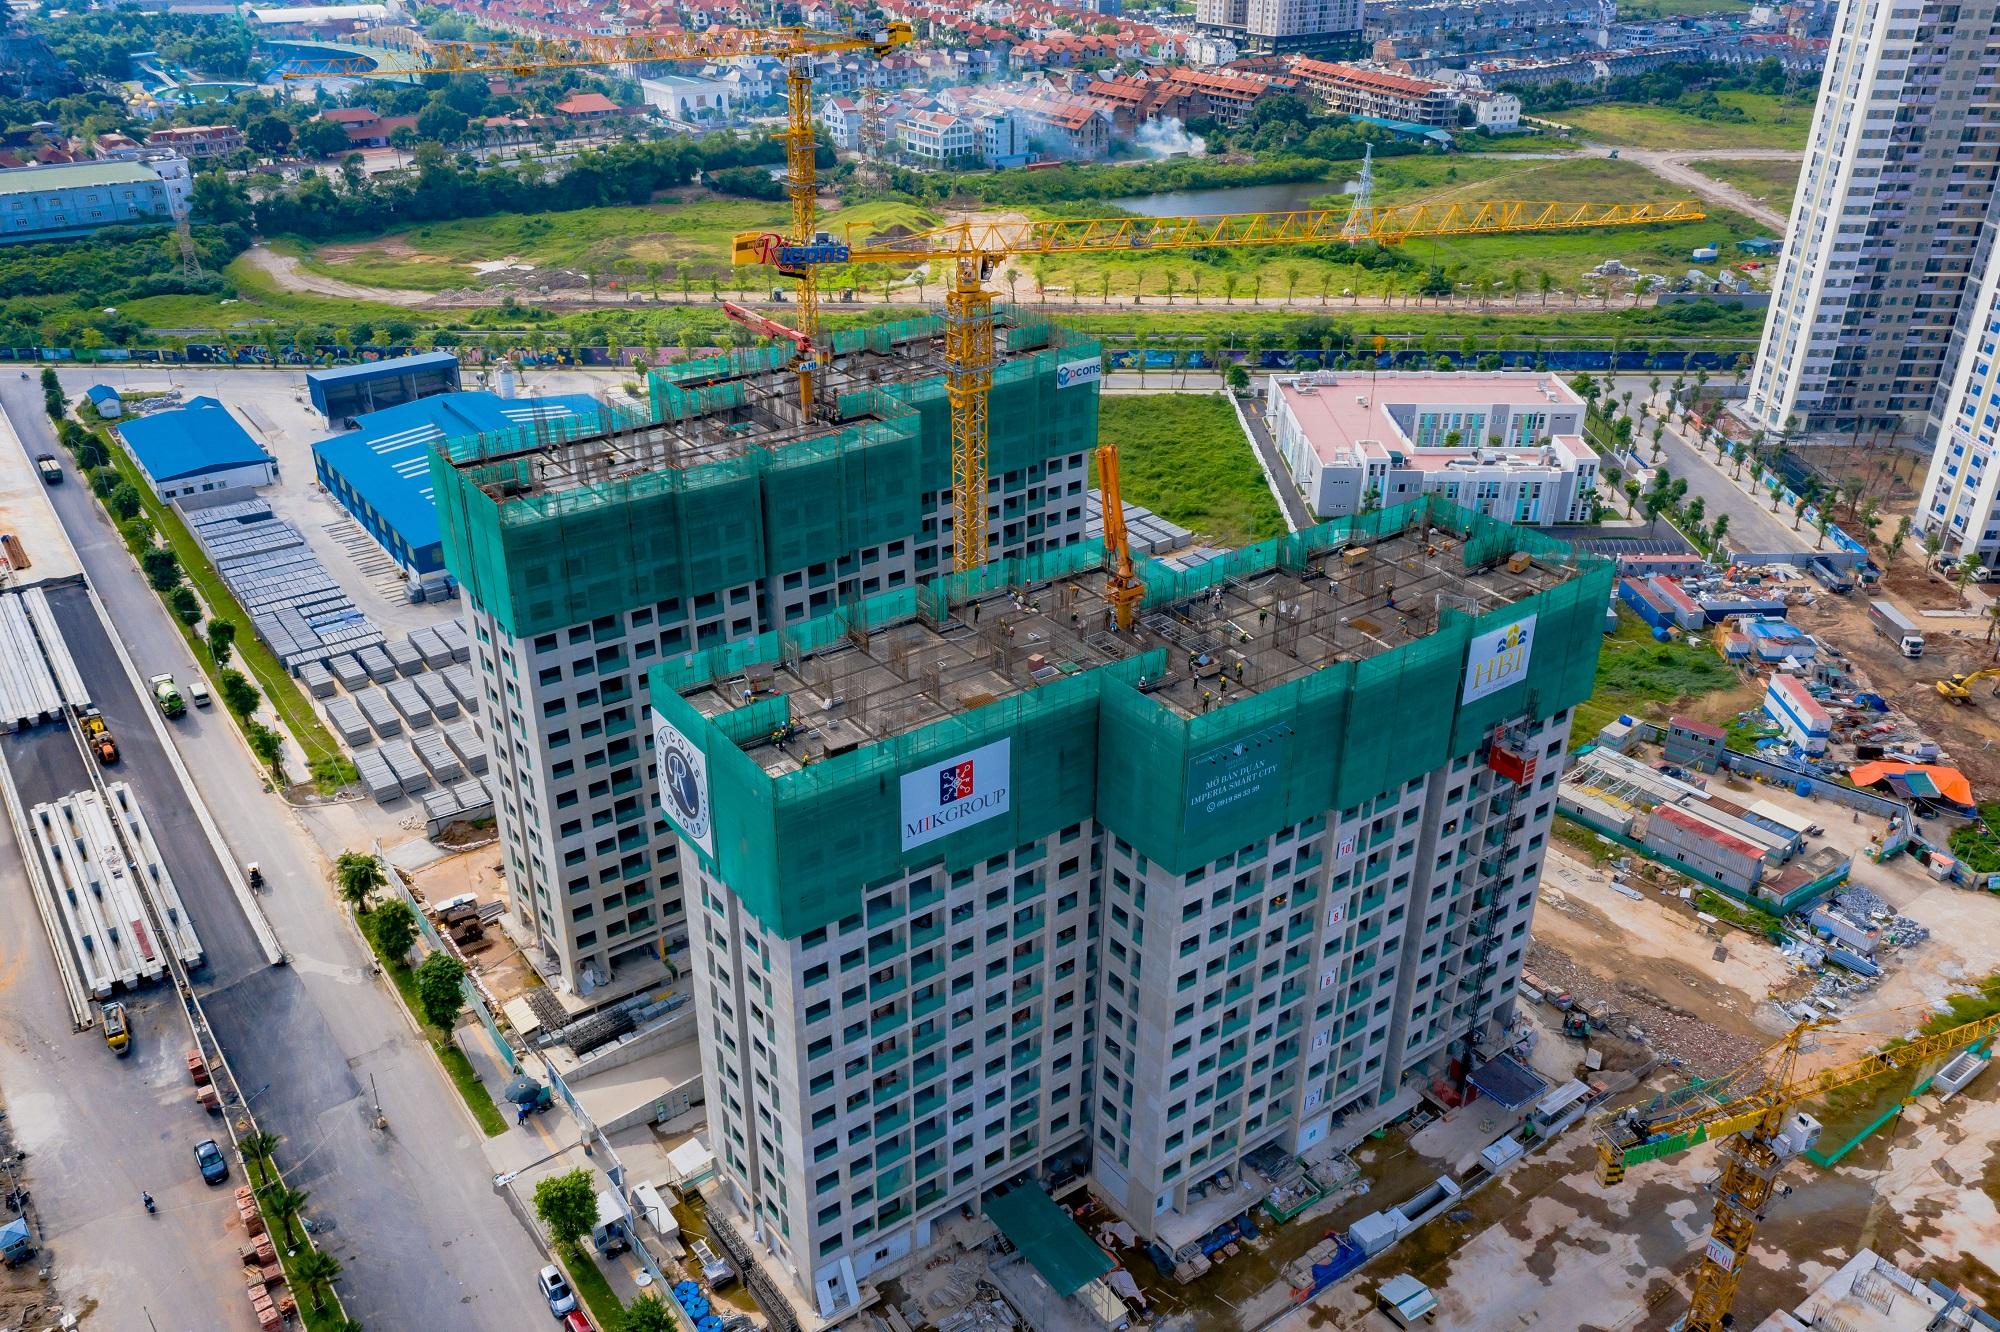 Imperia Smart City đảm bảo tiến độ và chất lượng xây dựng - Ảnh 1